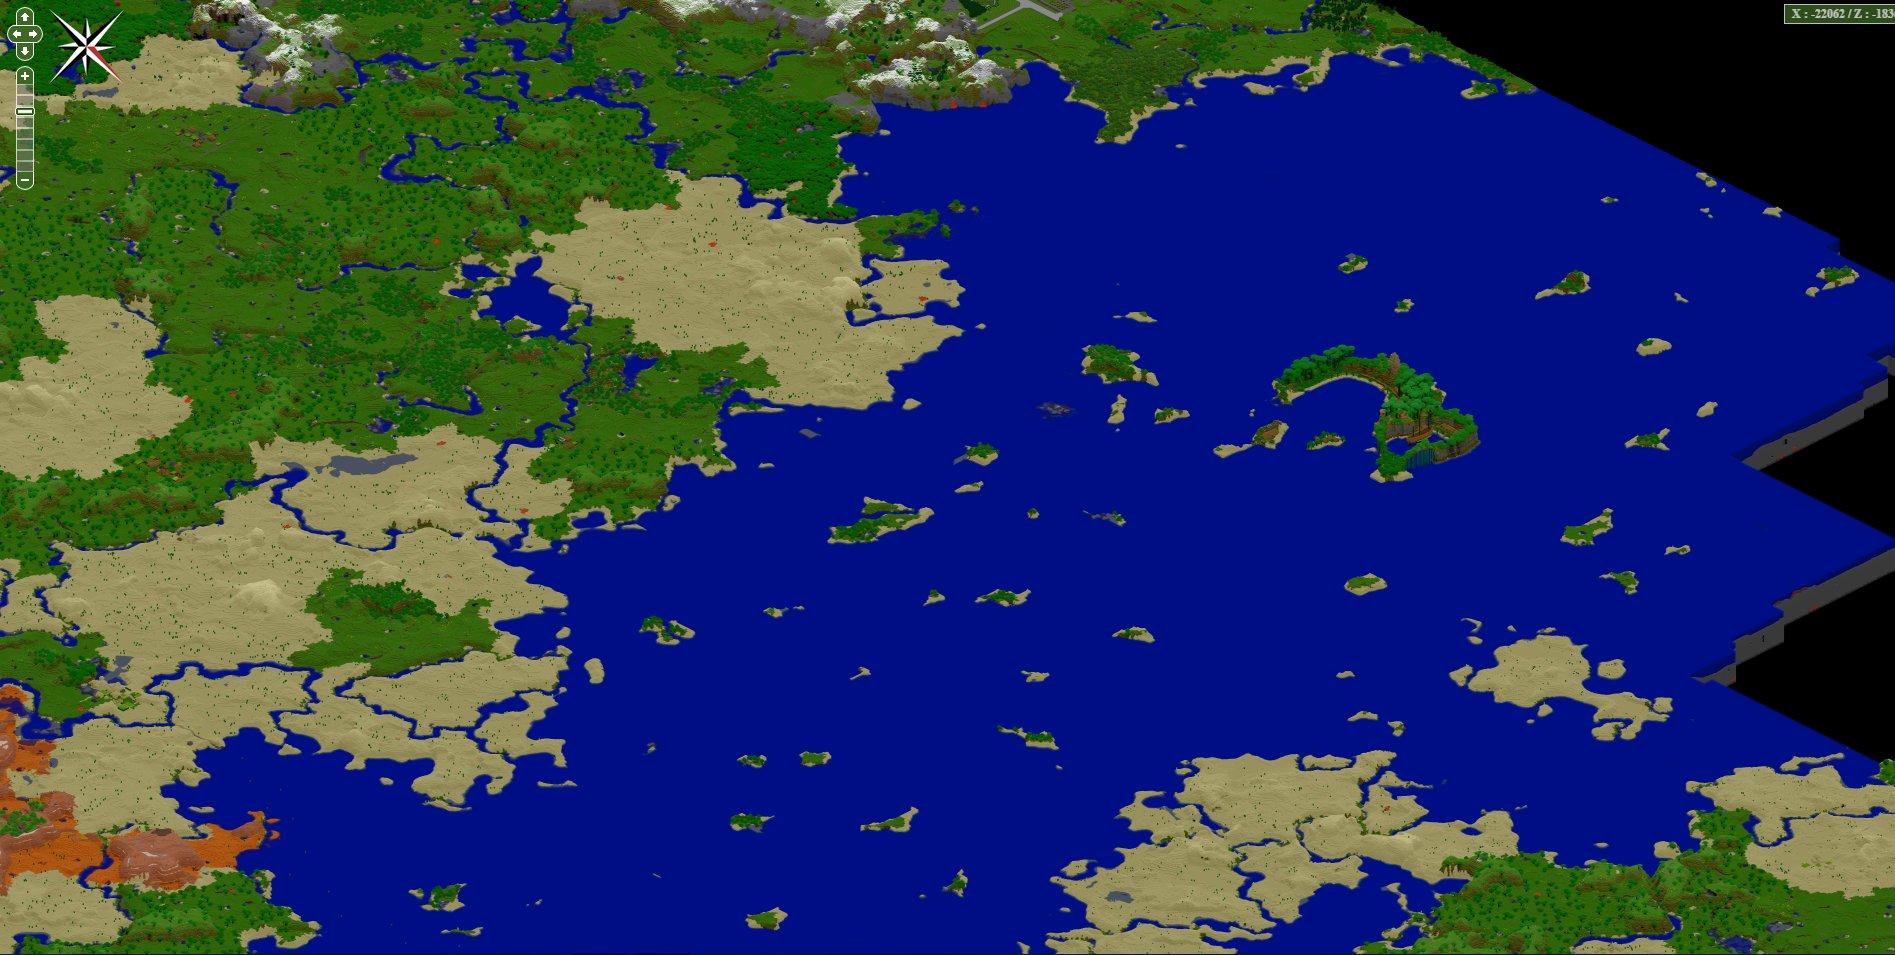 Great Inagua : La baie des pirates - Page 2 185c38b1-6380-43a9-8377-fb7c9586d195